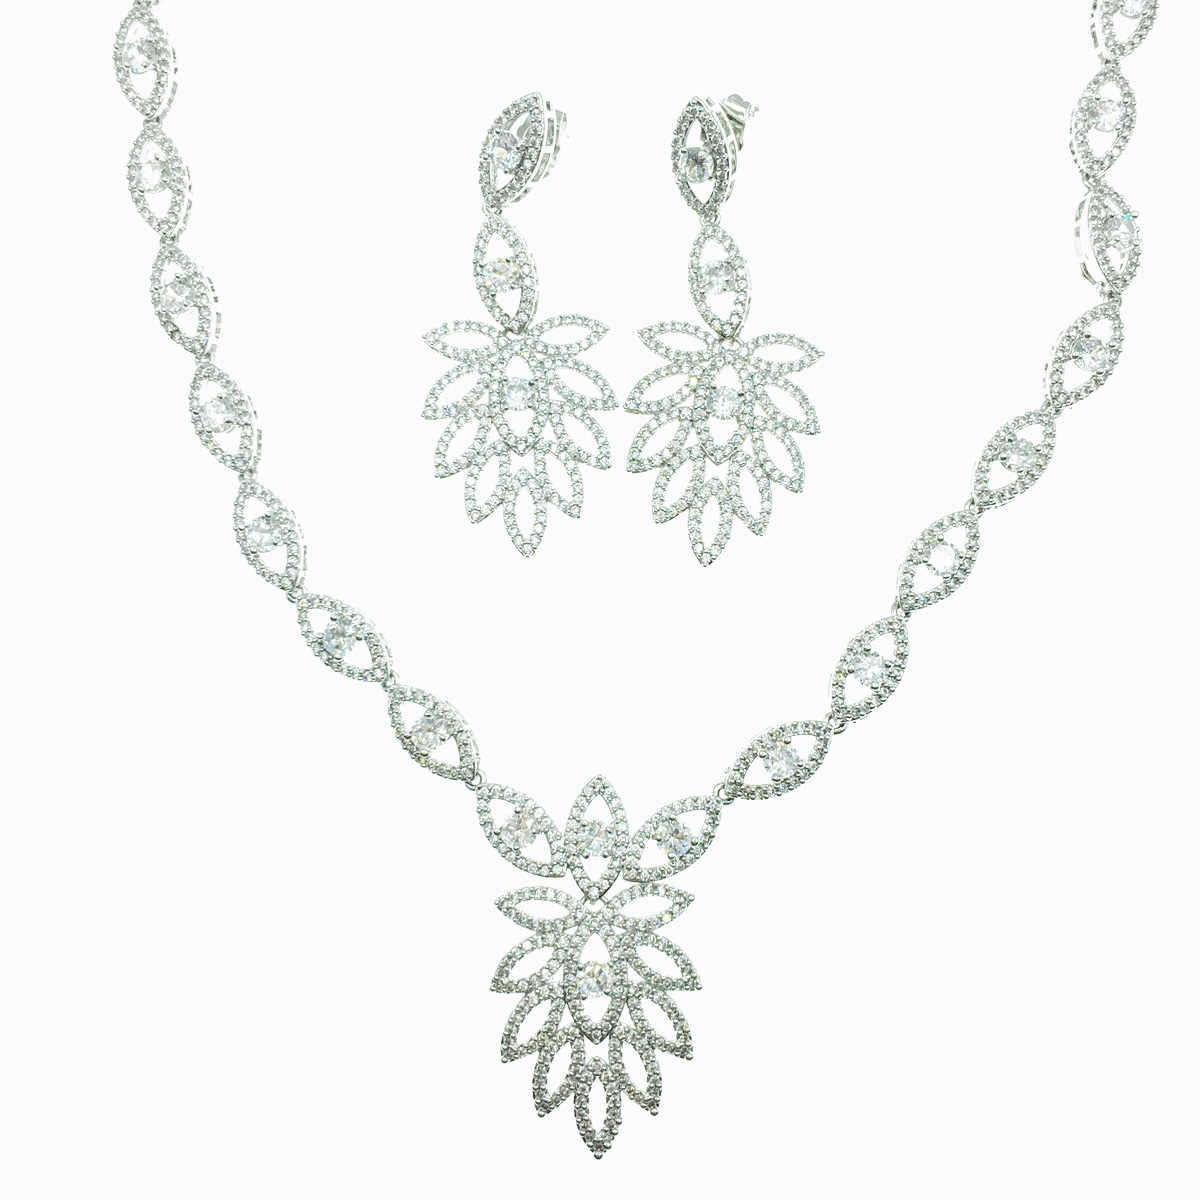 簍空造型 水鑽 新娘飾品 耳針式耳環項鍊套組 採用施華洛世奇水晶元素 Crystals from Swarovski